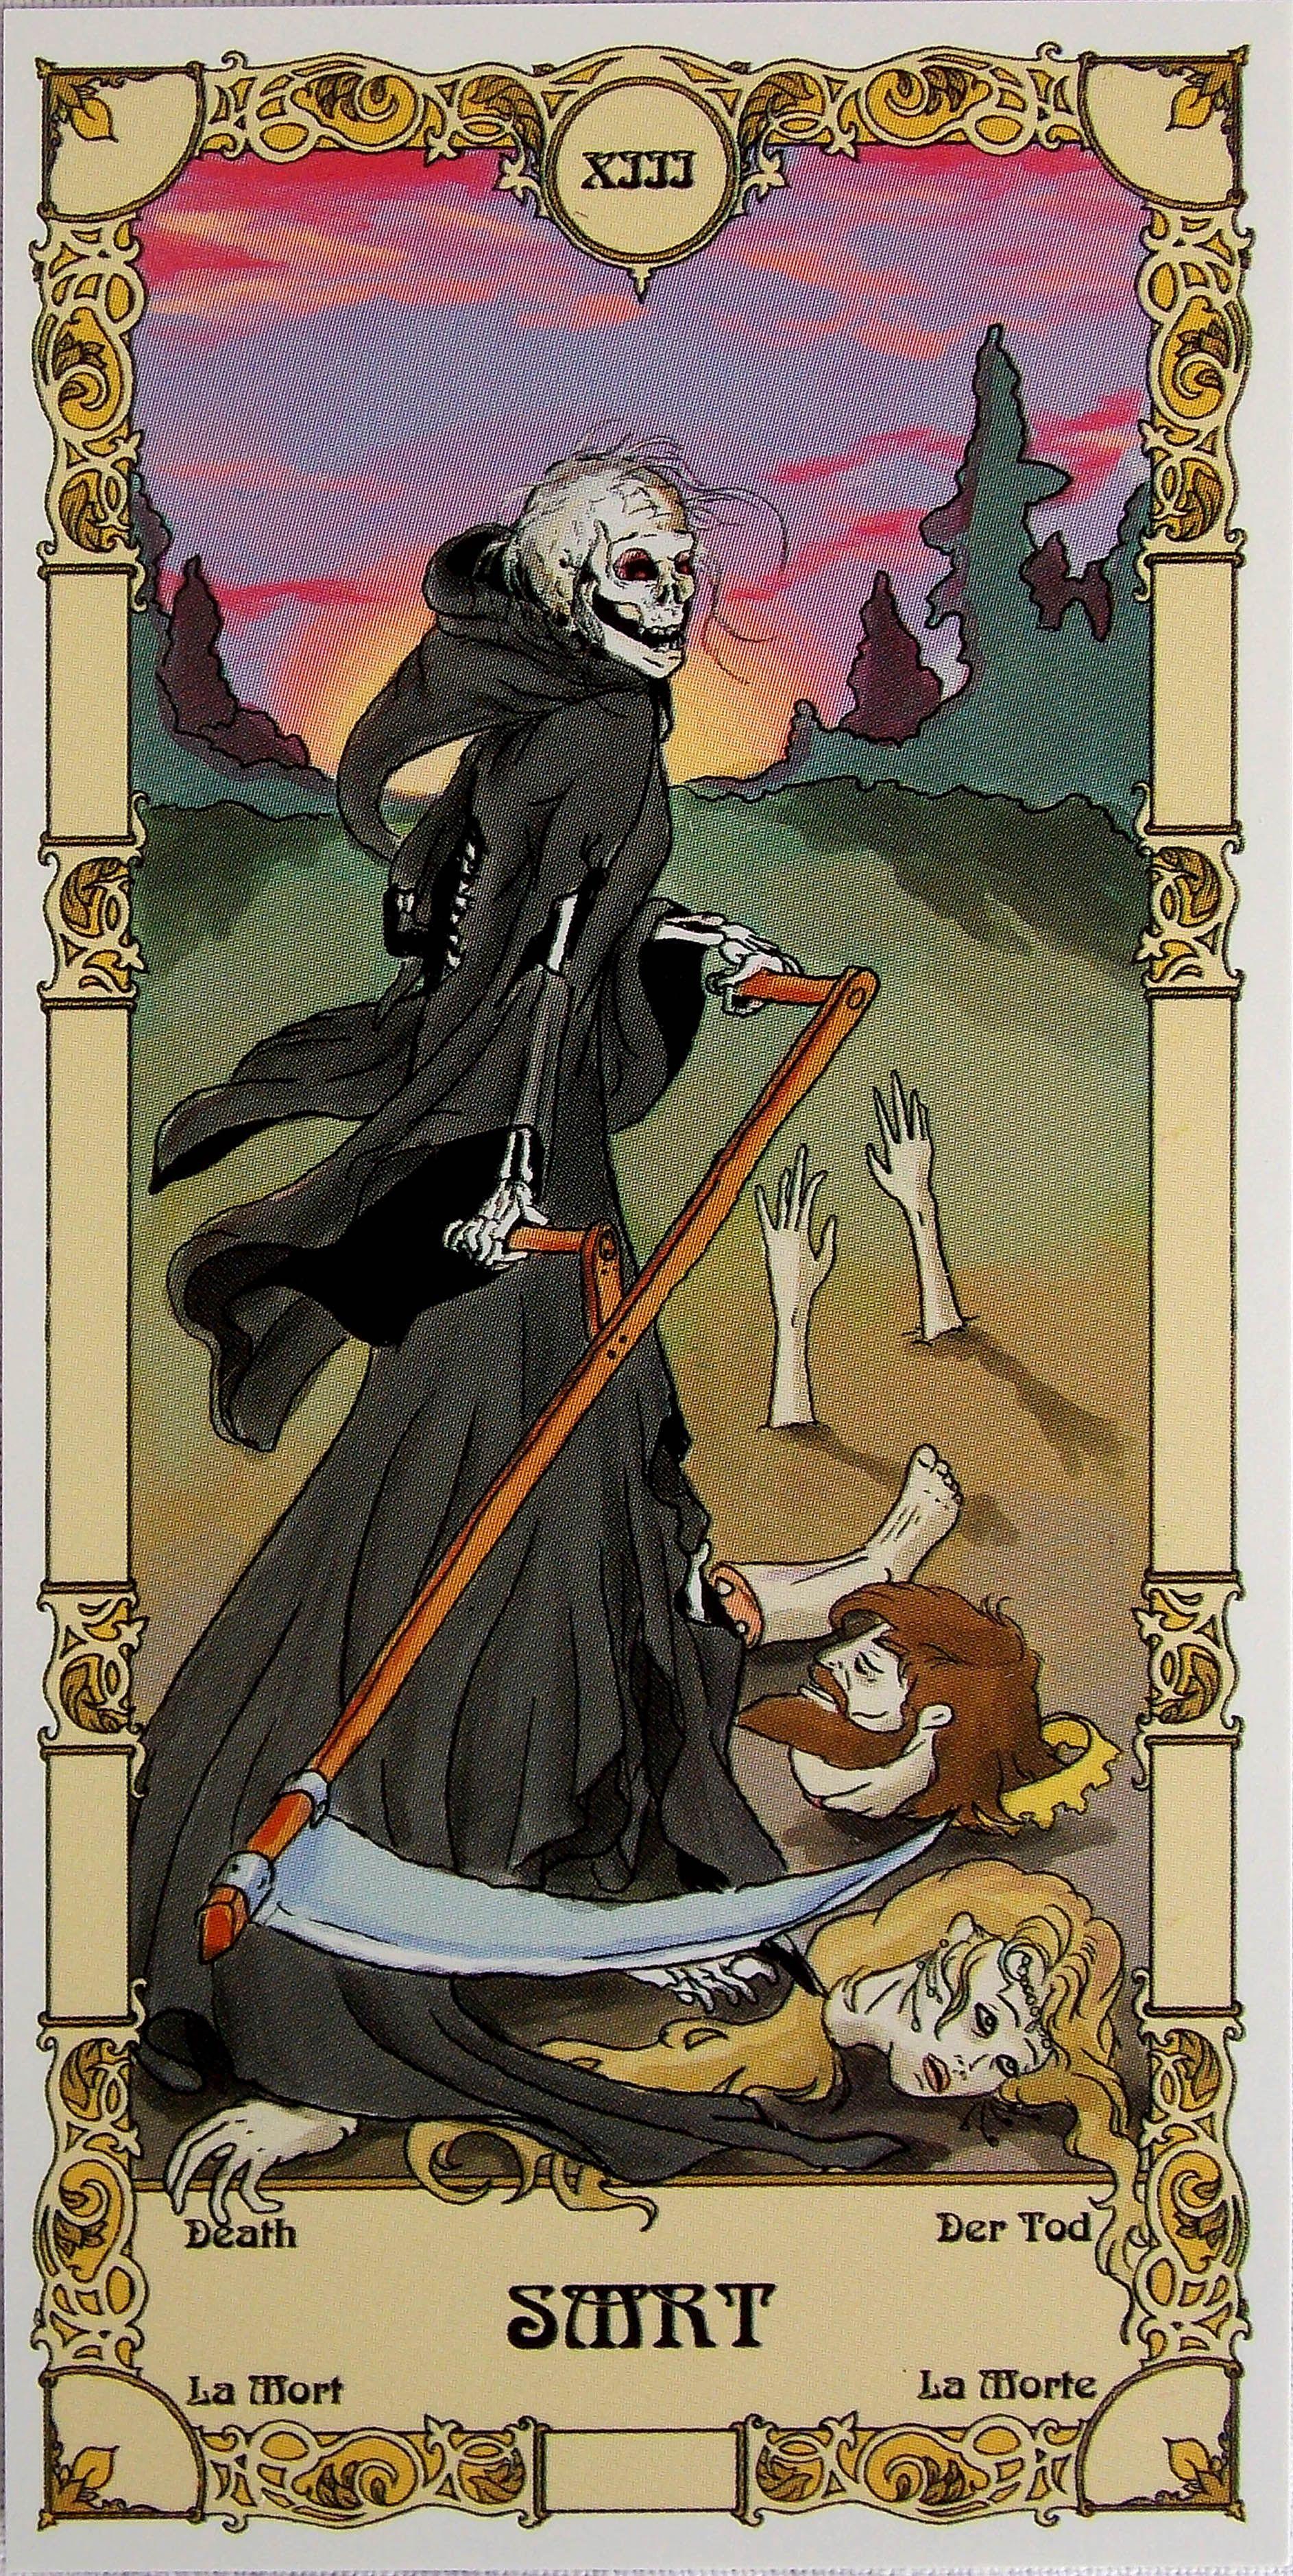 Czech Grand Arcana Tarot. Major Arcana/22 + 2 Blank Cards